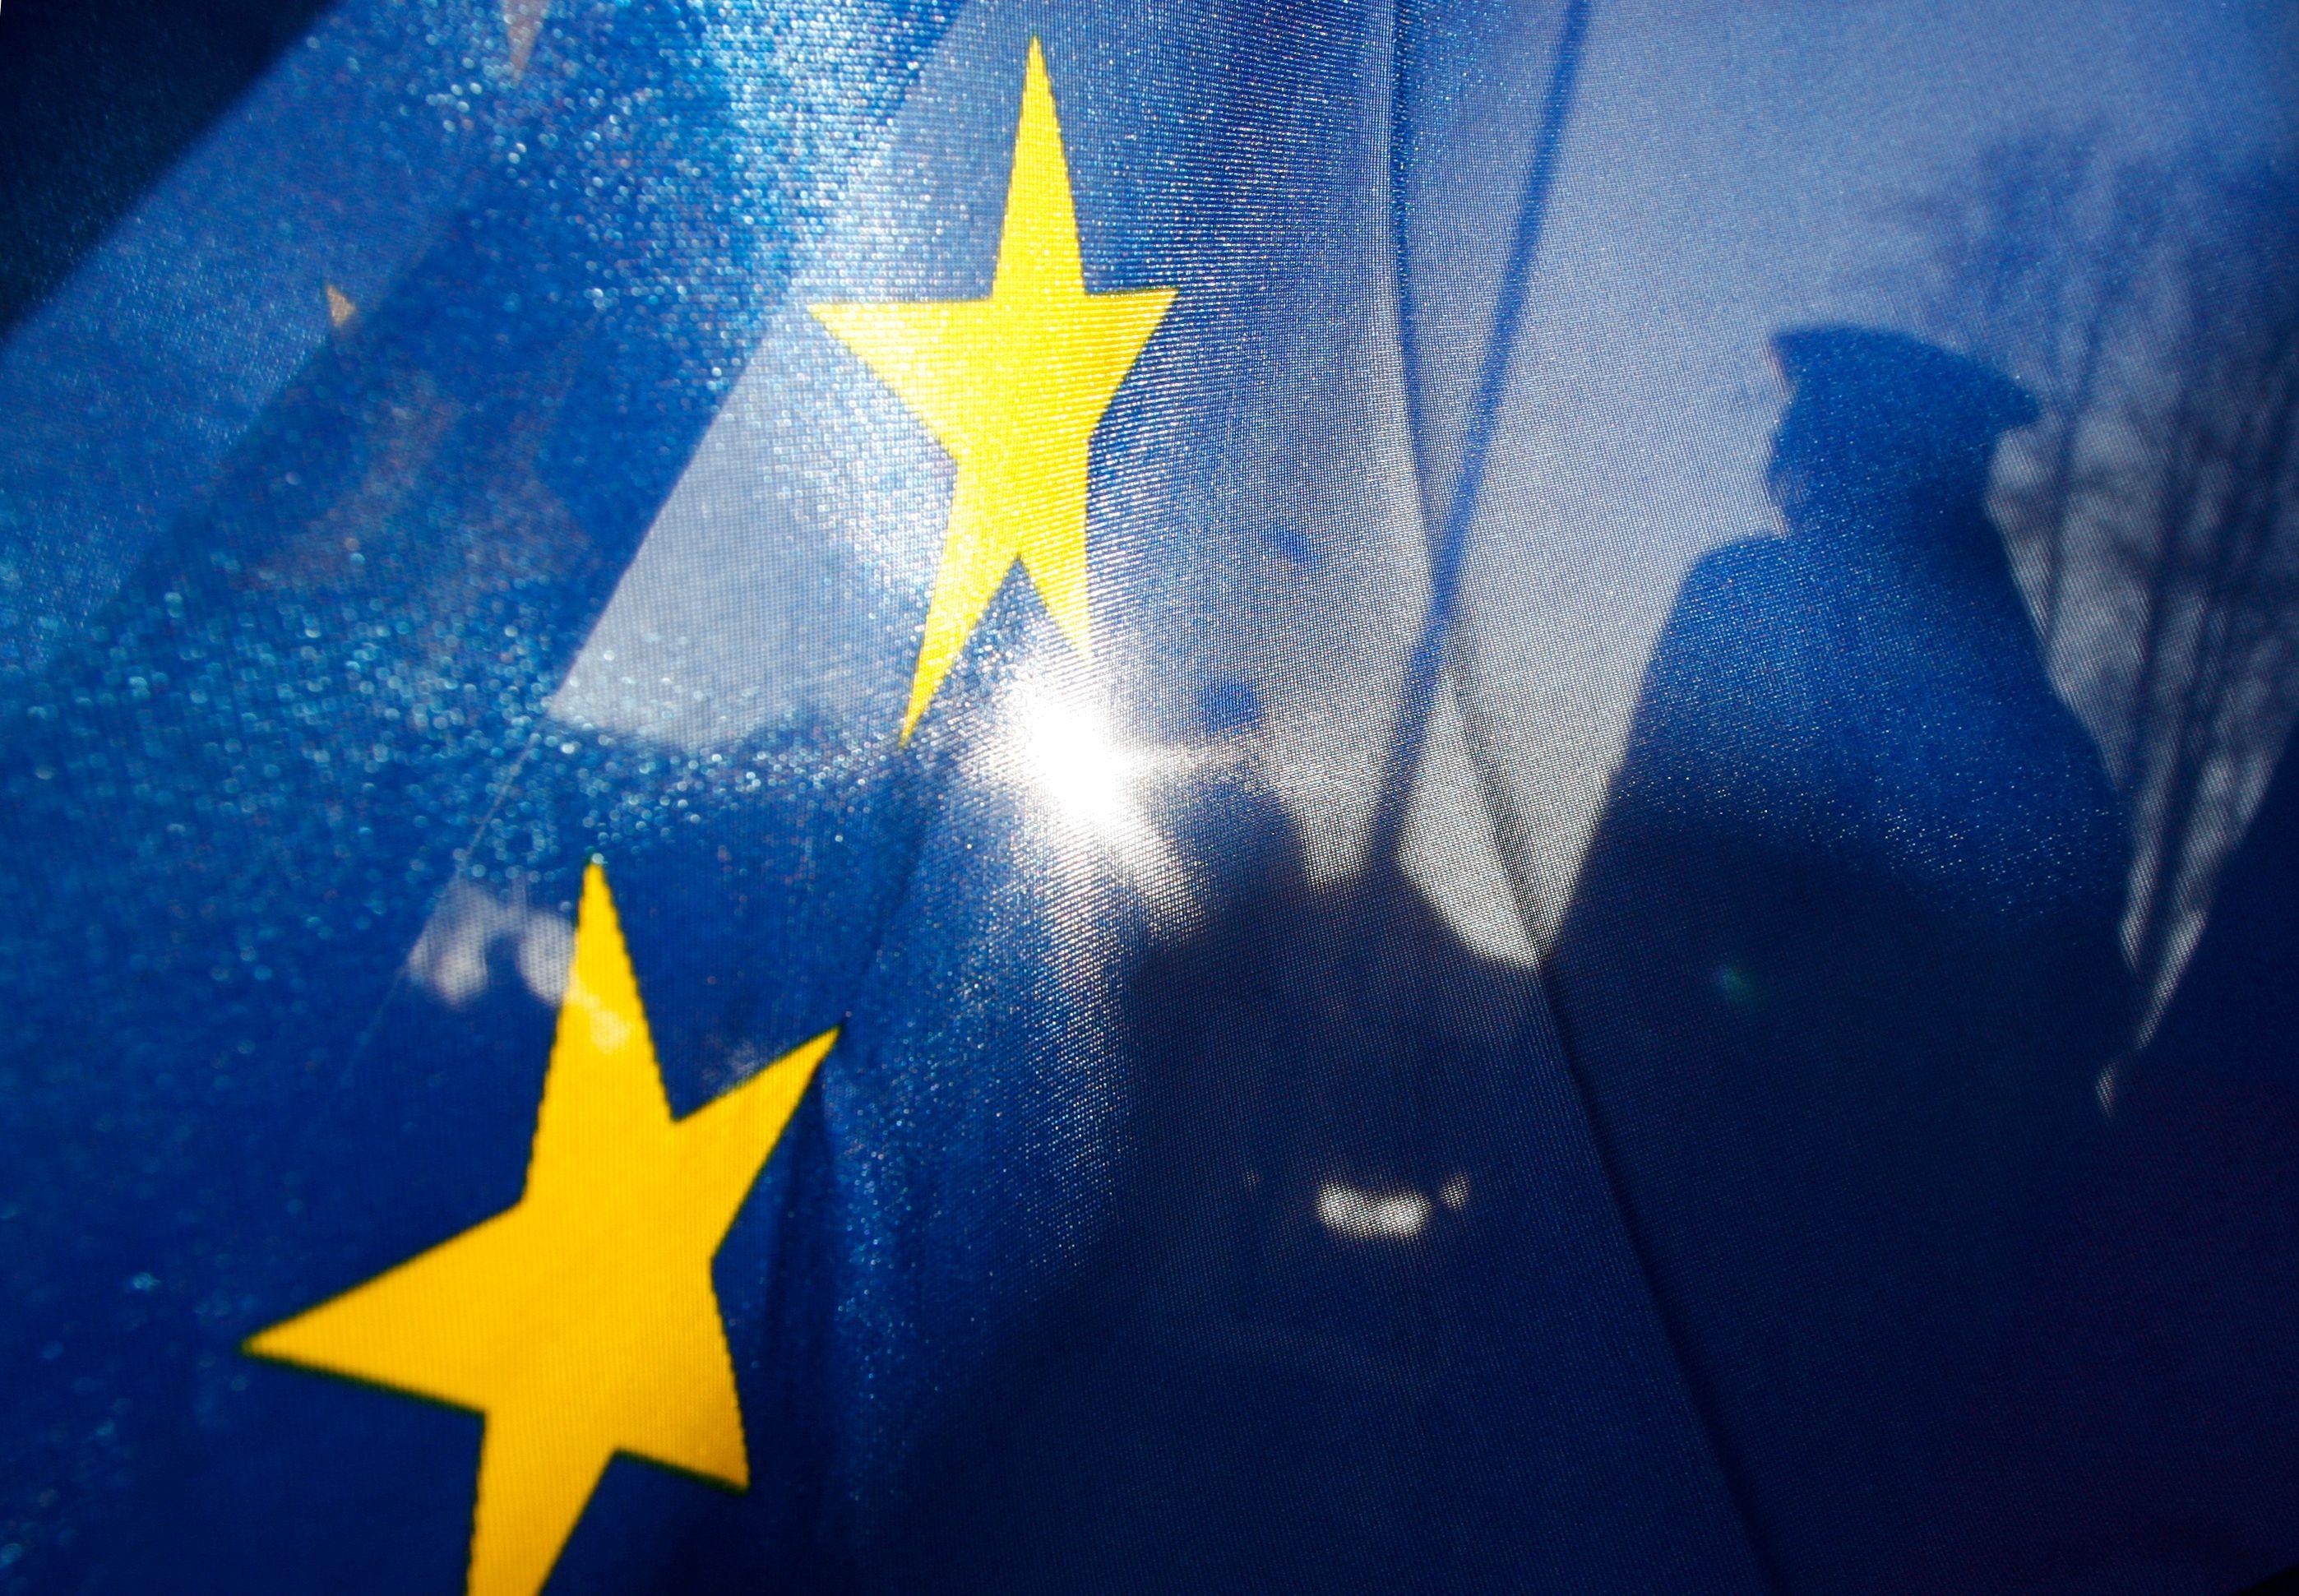 Dérapages en vue à l'Est : l'Europe saura-t-elle garantir le respect de la démocratie dans tous ses Etats membres ?